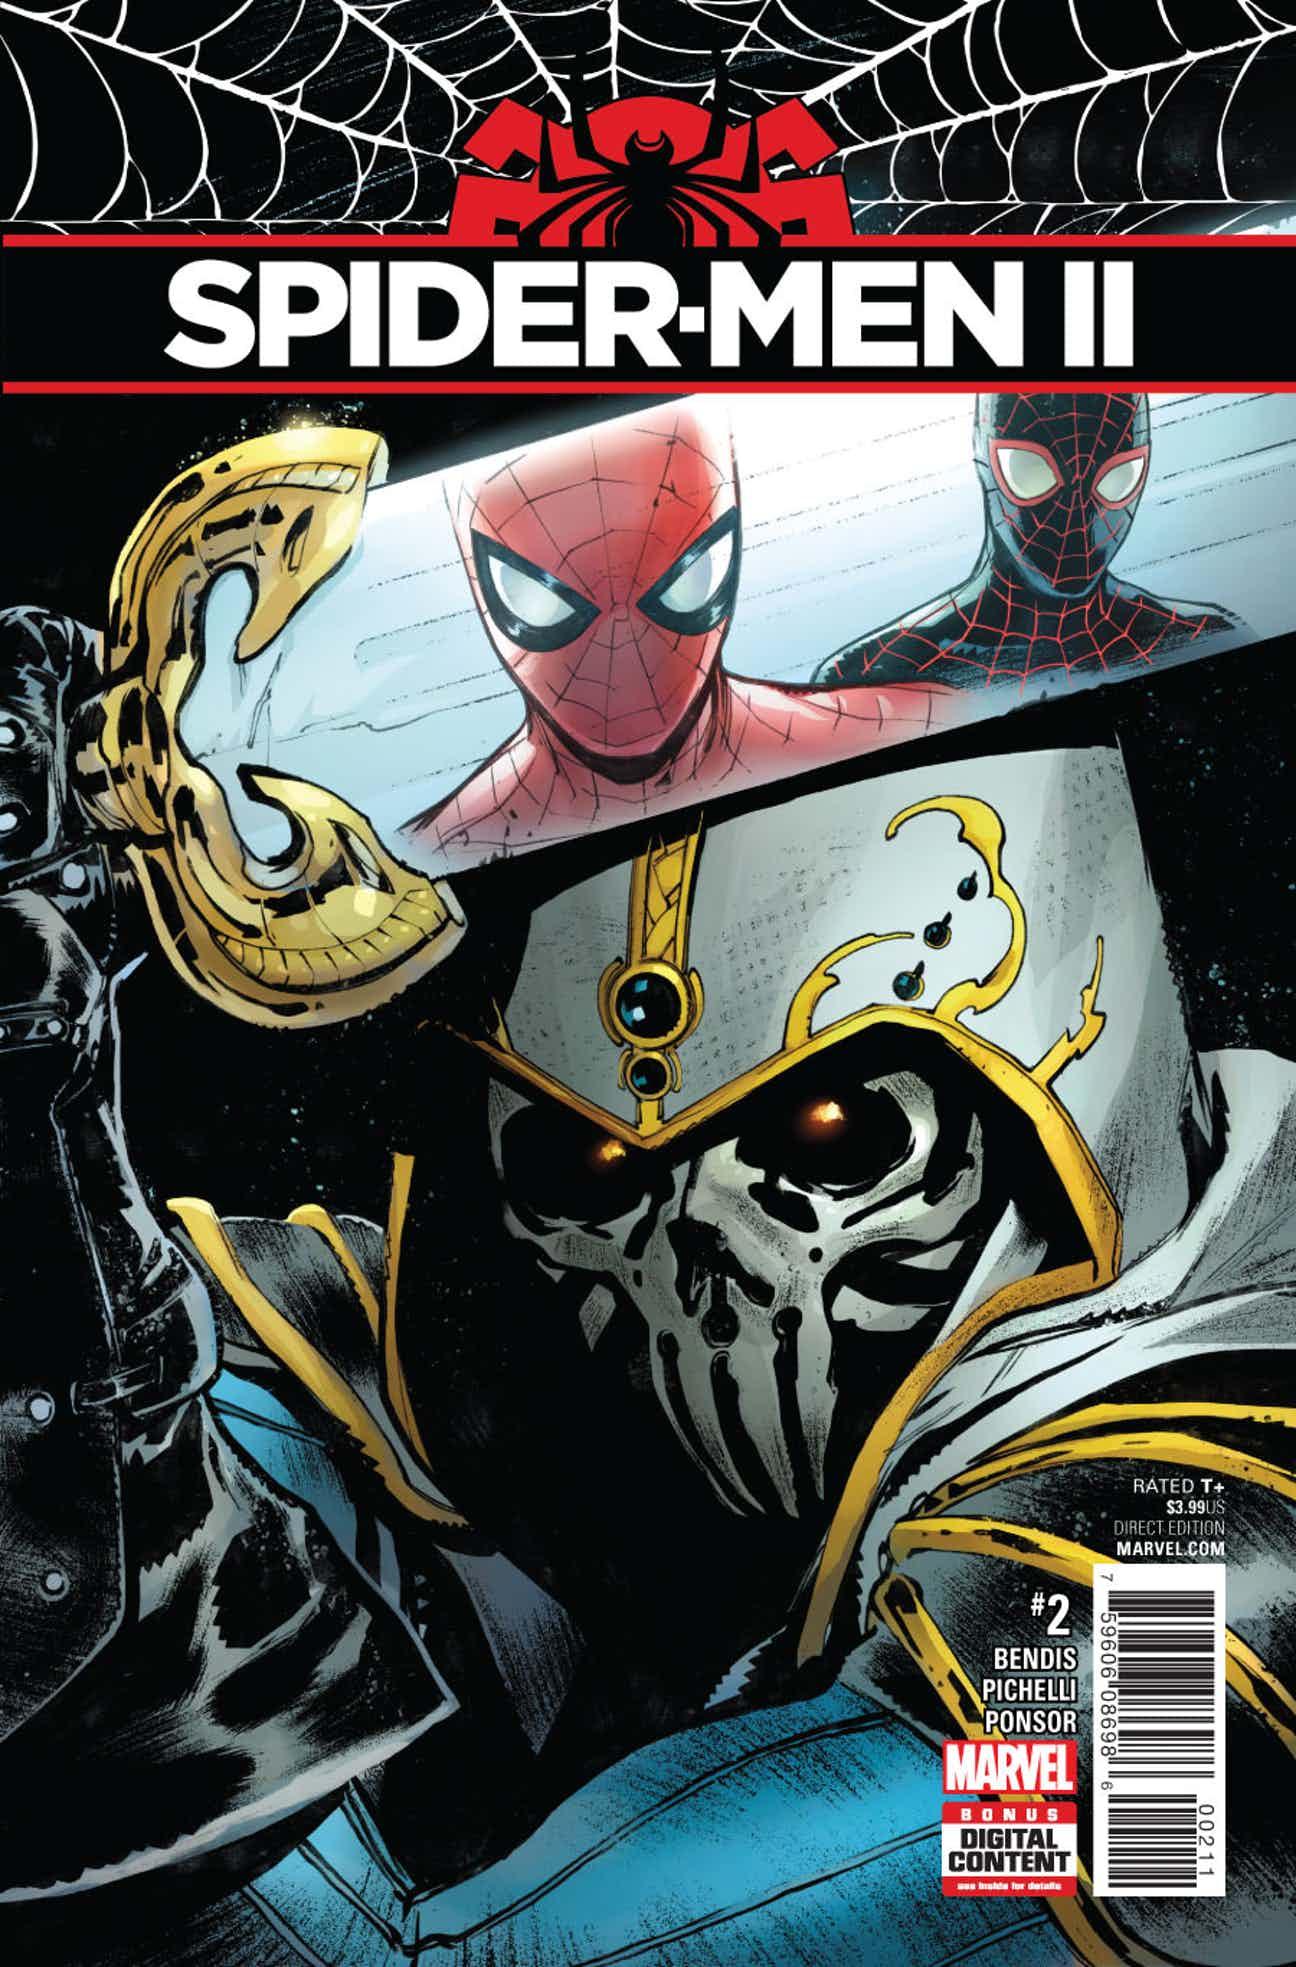 Spider-Men II Vol 1 2